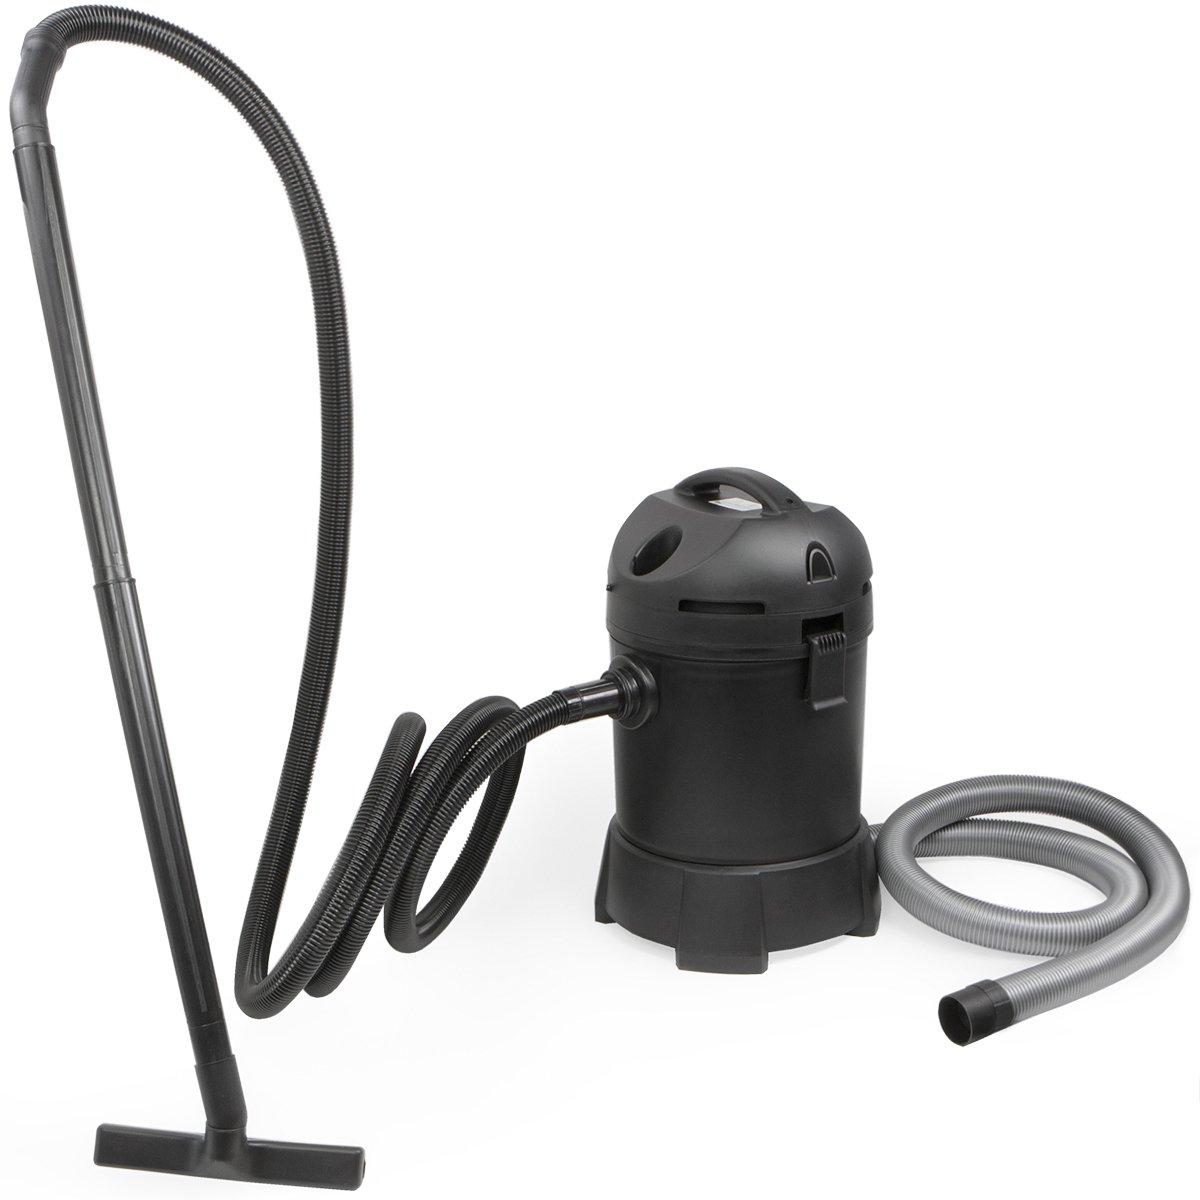 XtremepowerUS 1400 Watt Pond Vacuum Cleaner